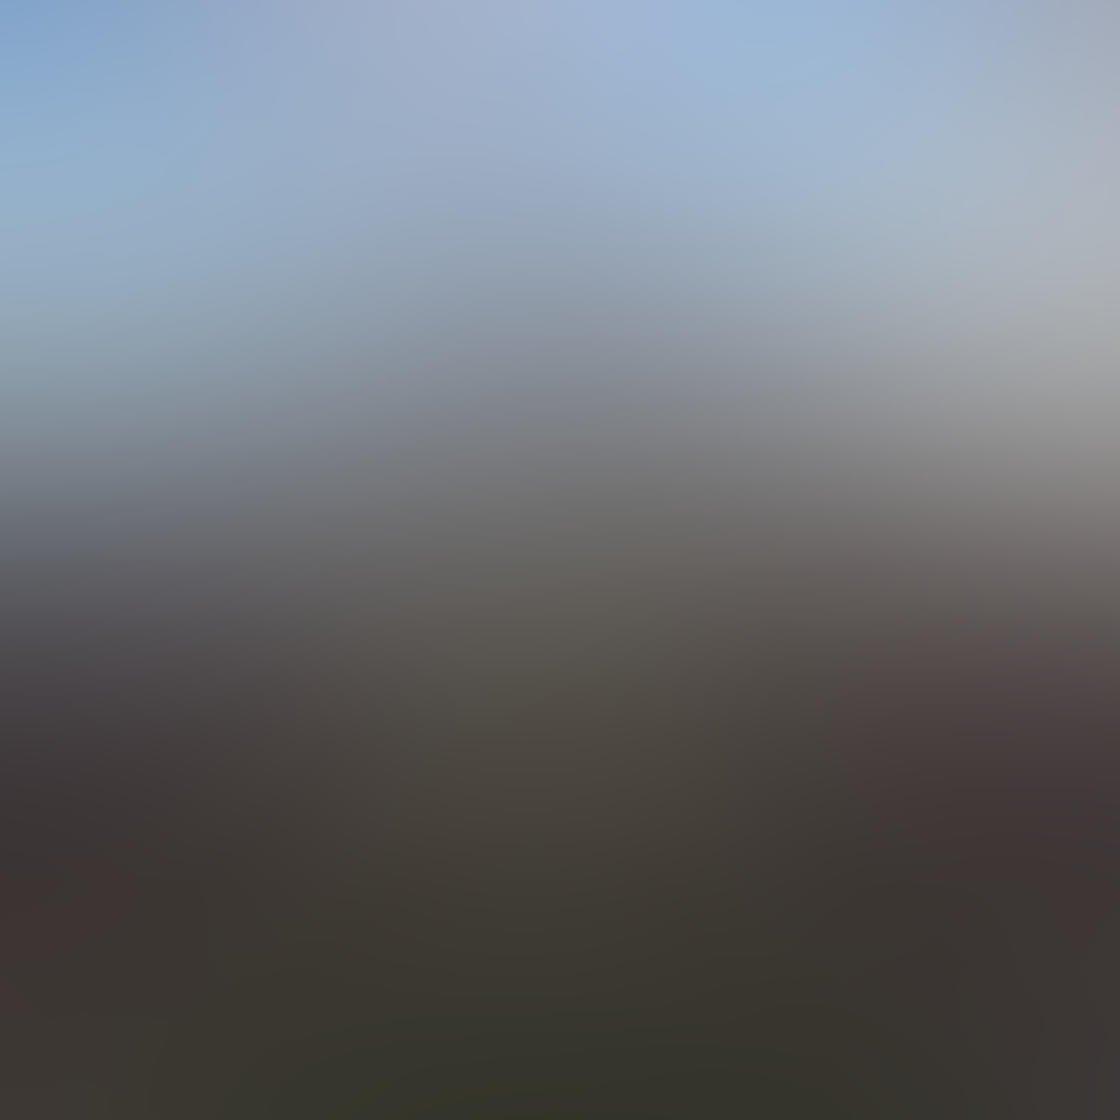 Landscape iPhone Photo Composition 27